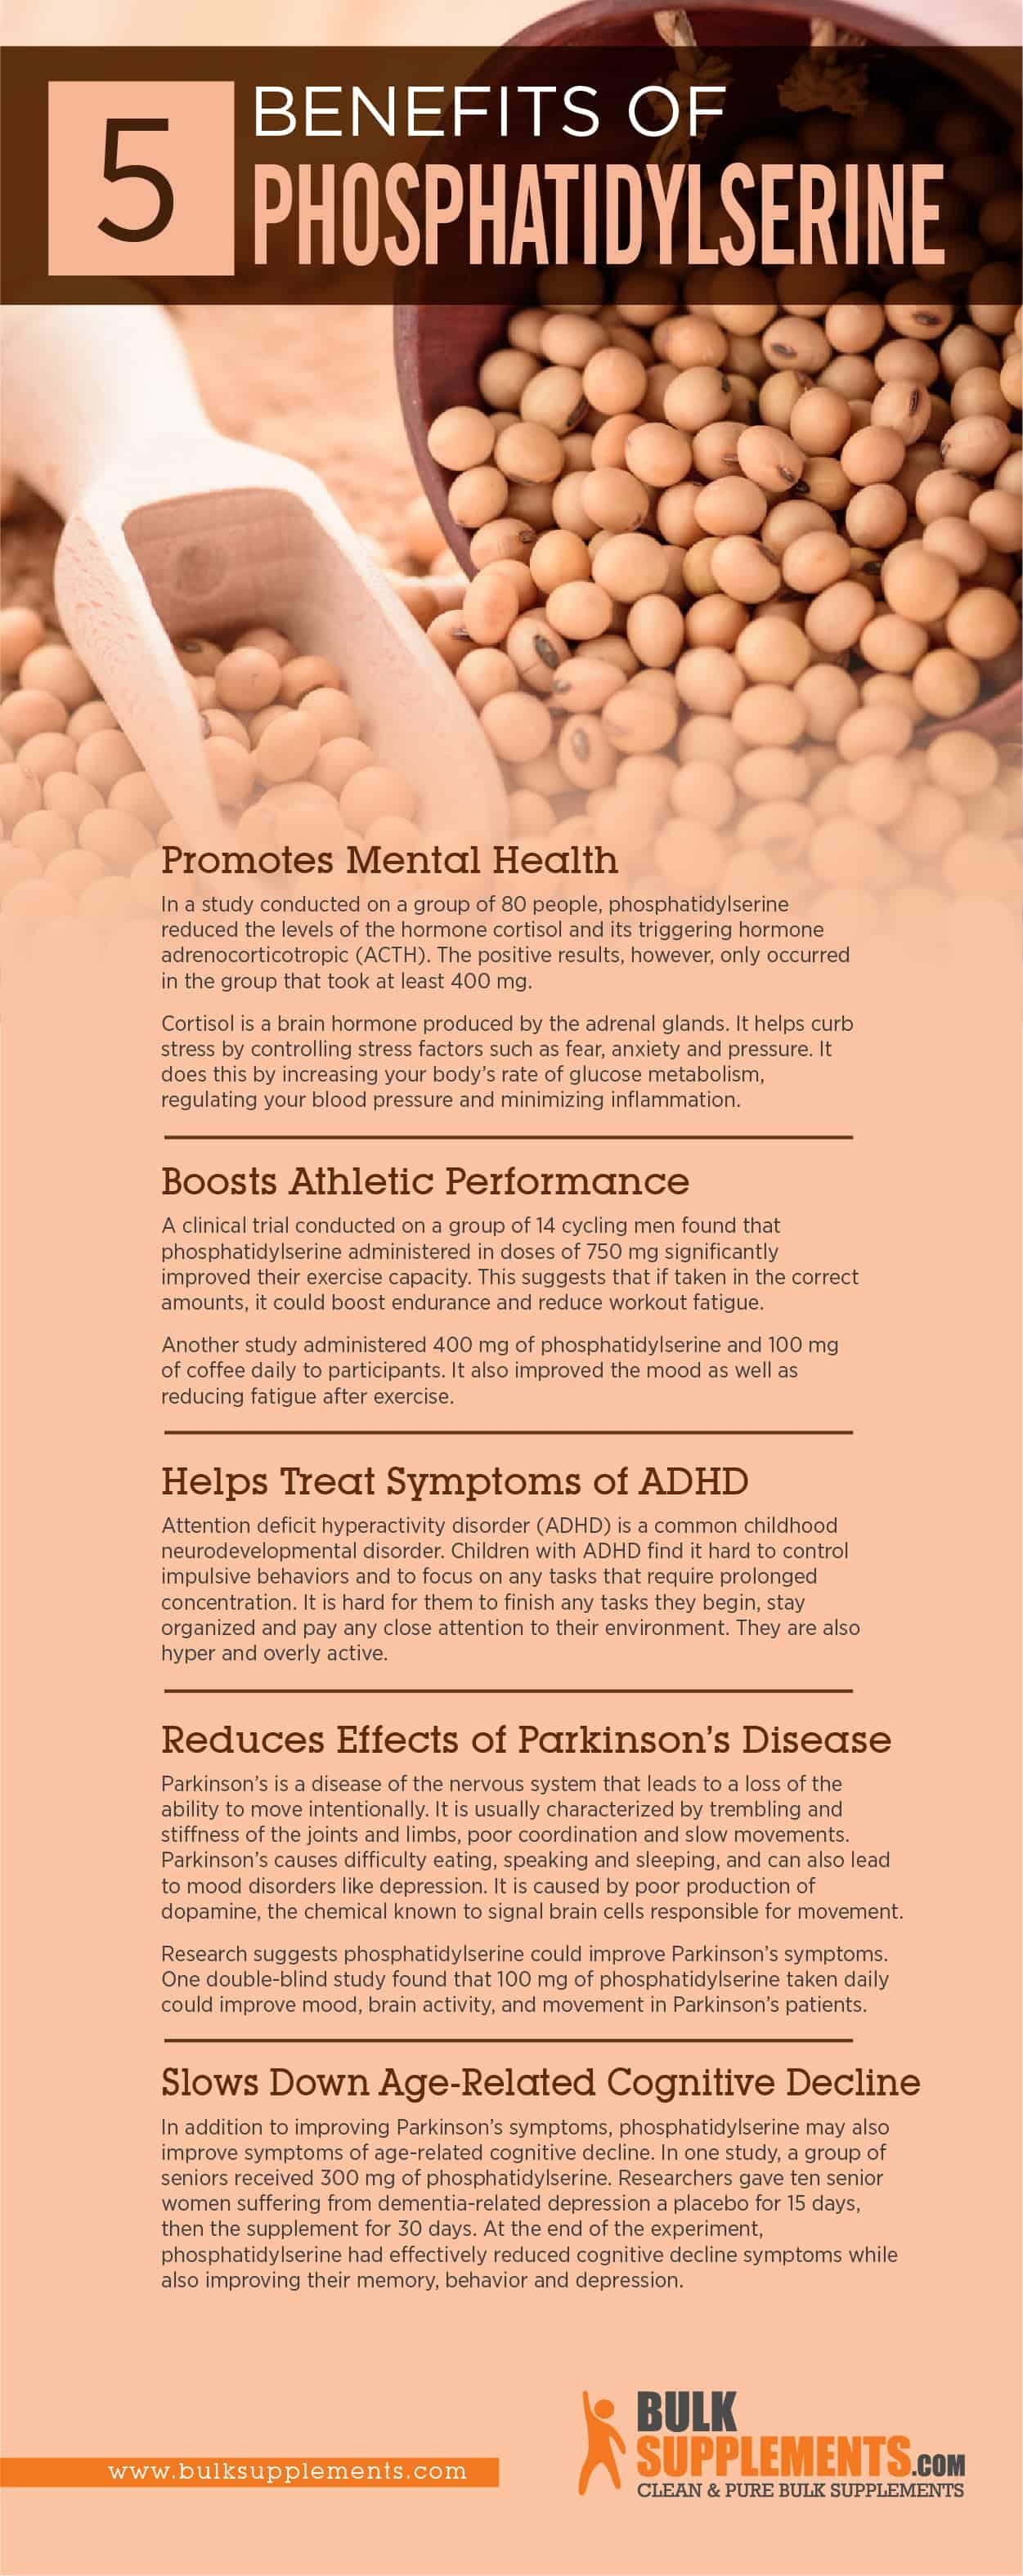 Phosphatidylserine benefits inforgraphic